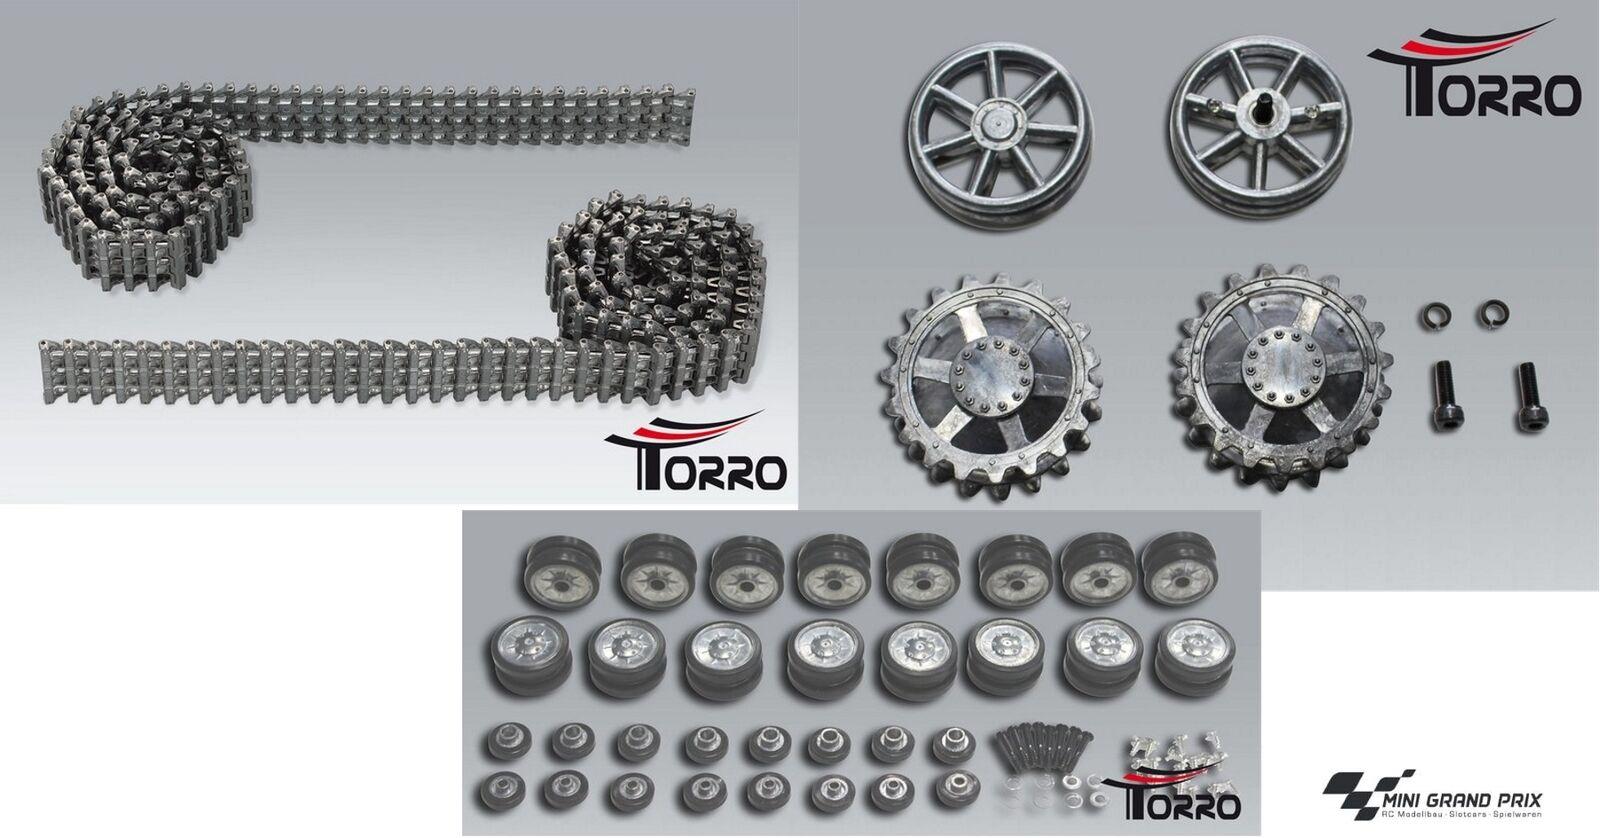 Torro catene in metallo + fai affluire U. leiträder + ruote per carri armati 4